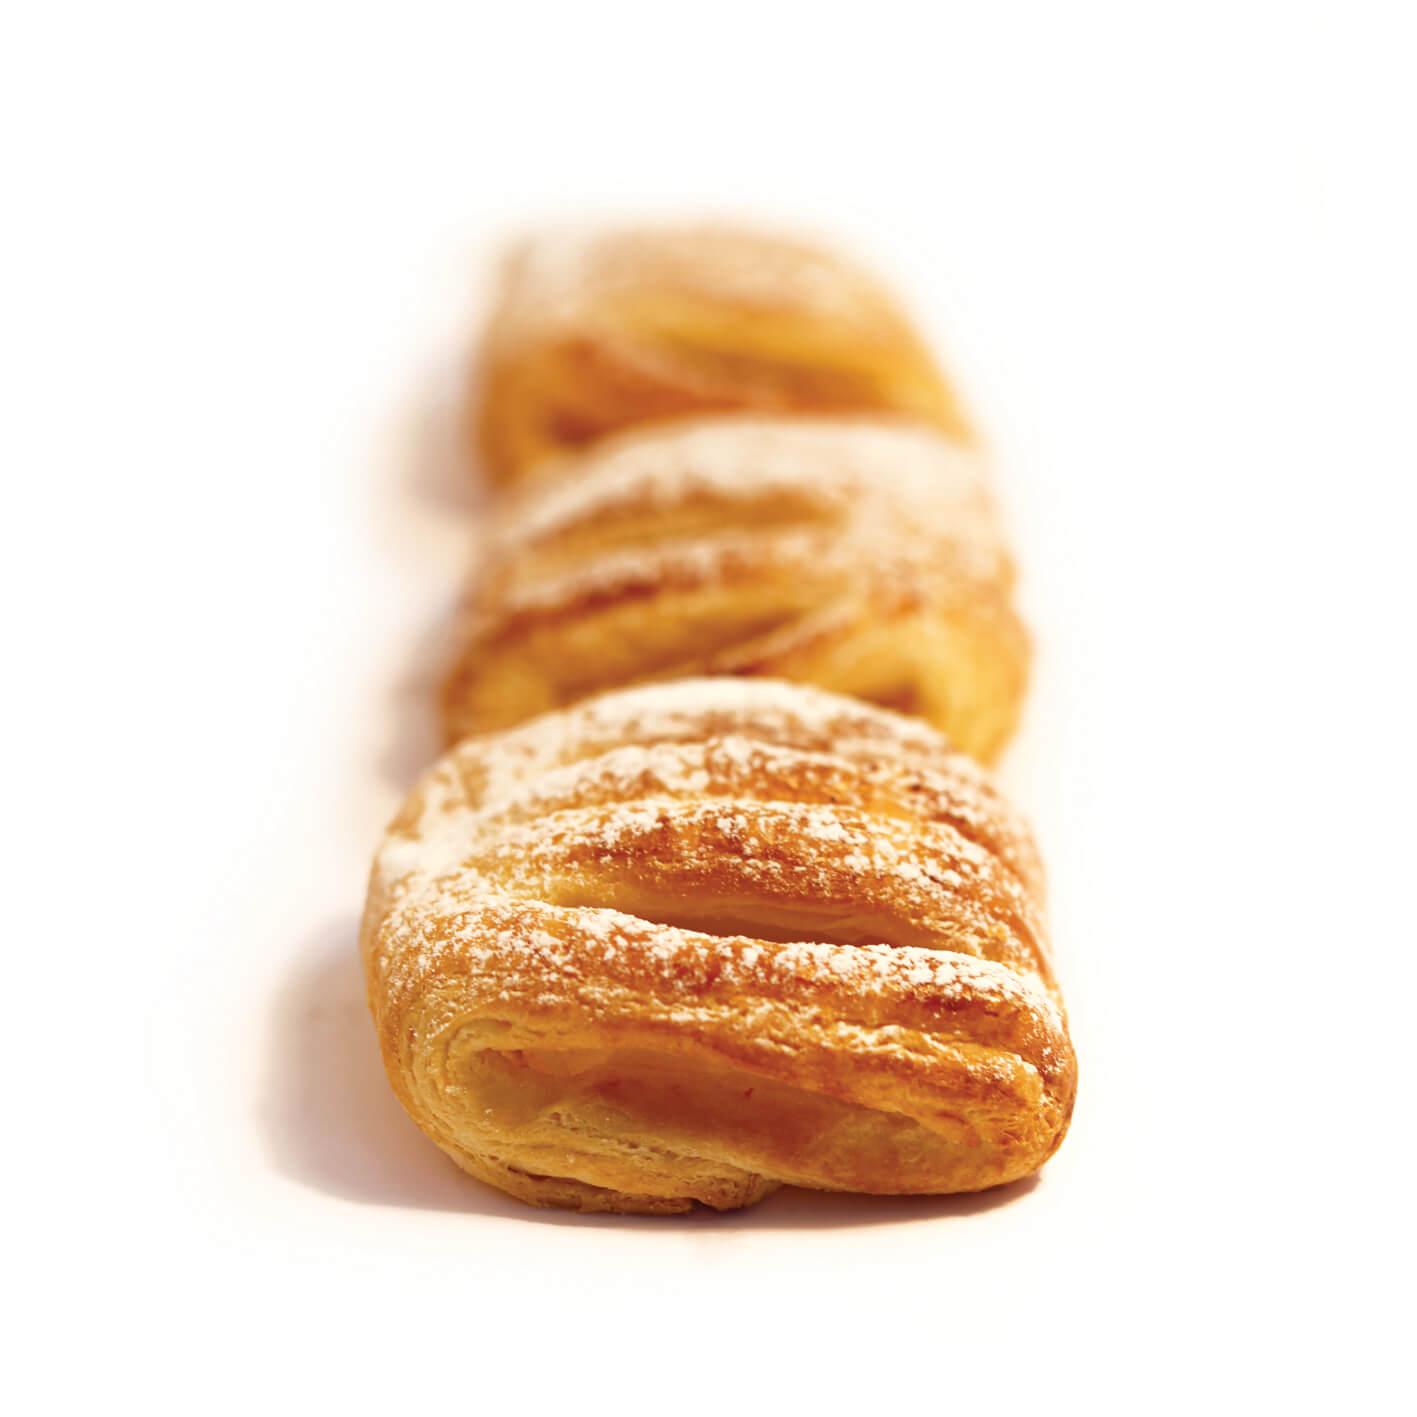 Mini Cream Croissant (croissant pastry)